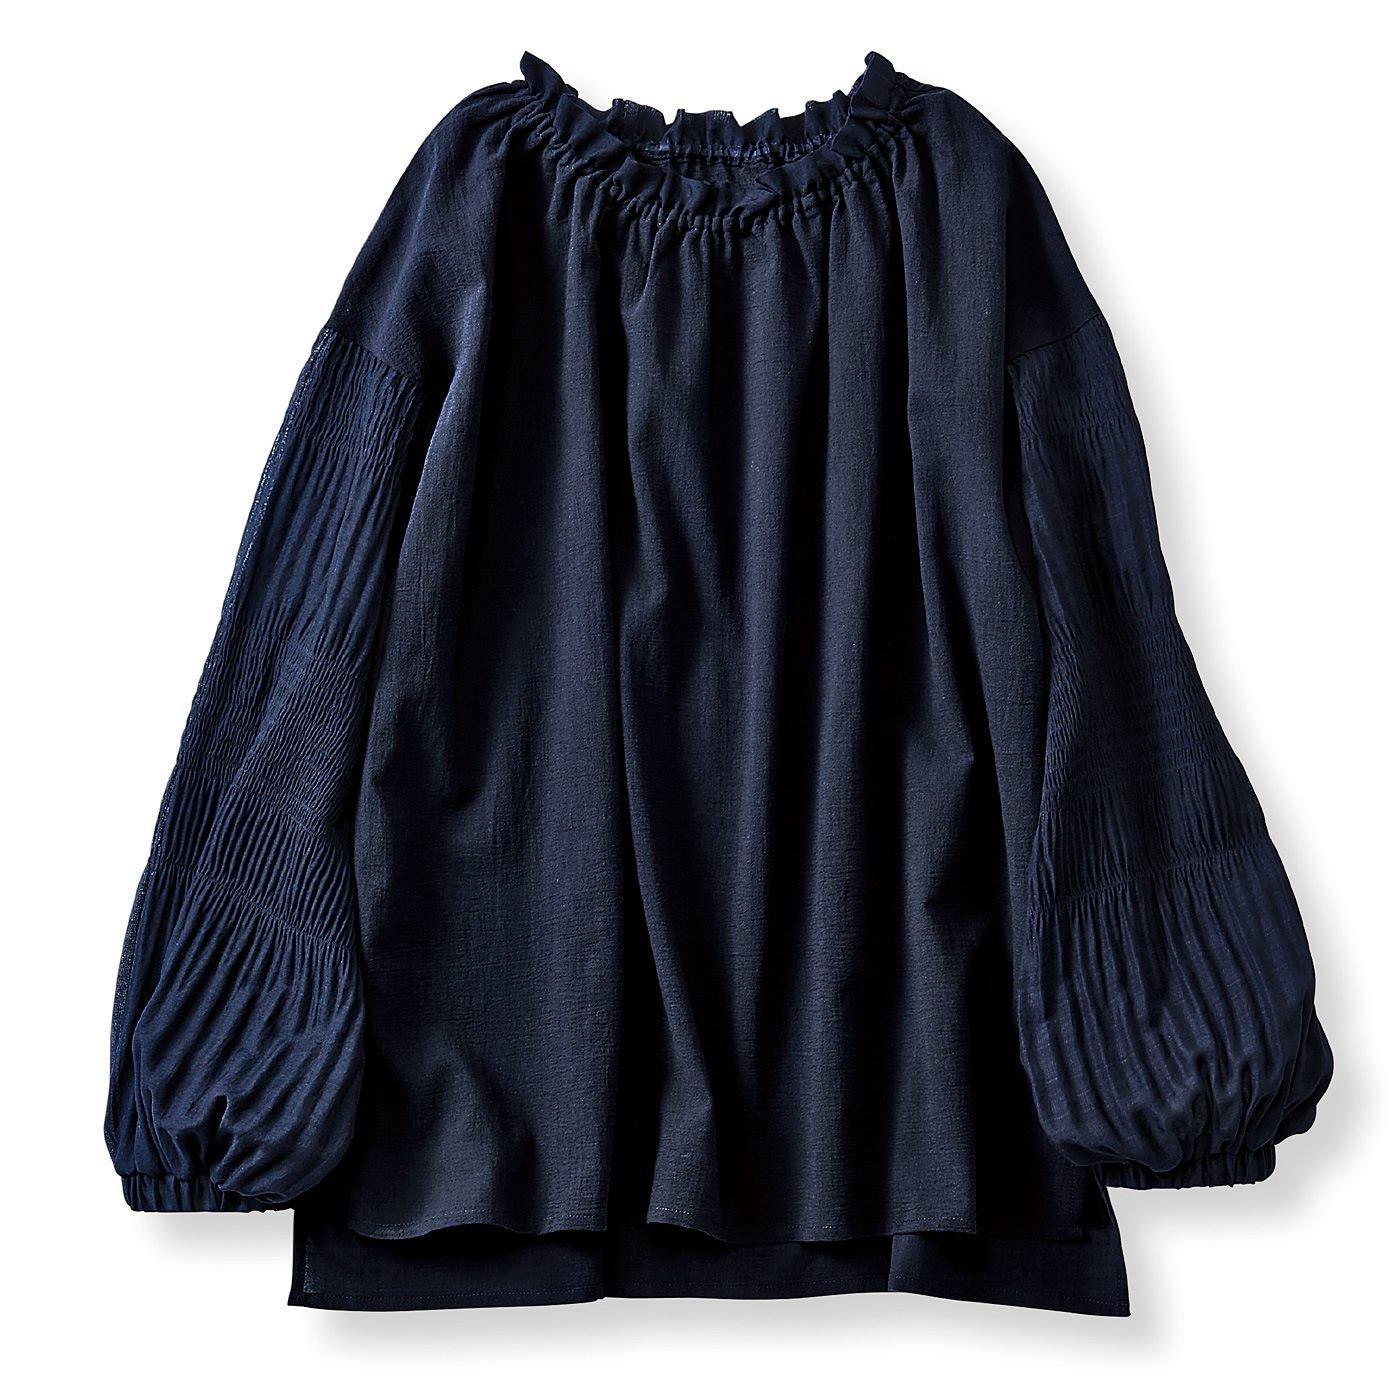 リブ イン コンフォート 衿ぐり伸びてサッと着やすい マジョリカプリーツをあしらったブラウス〈ネイビー〉